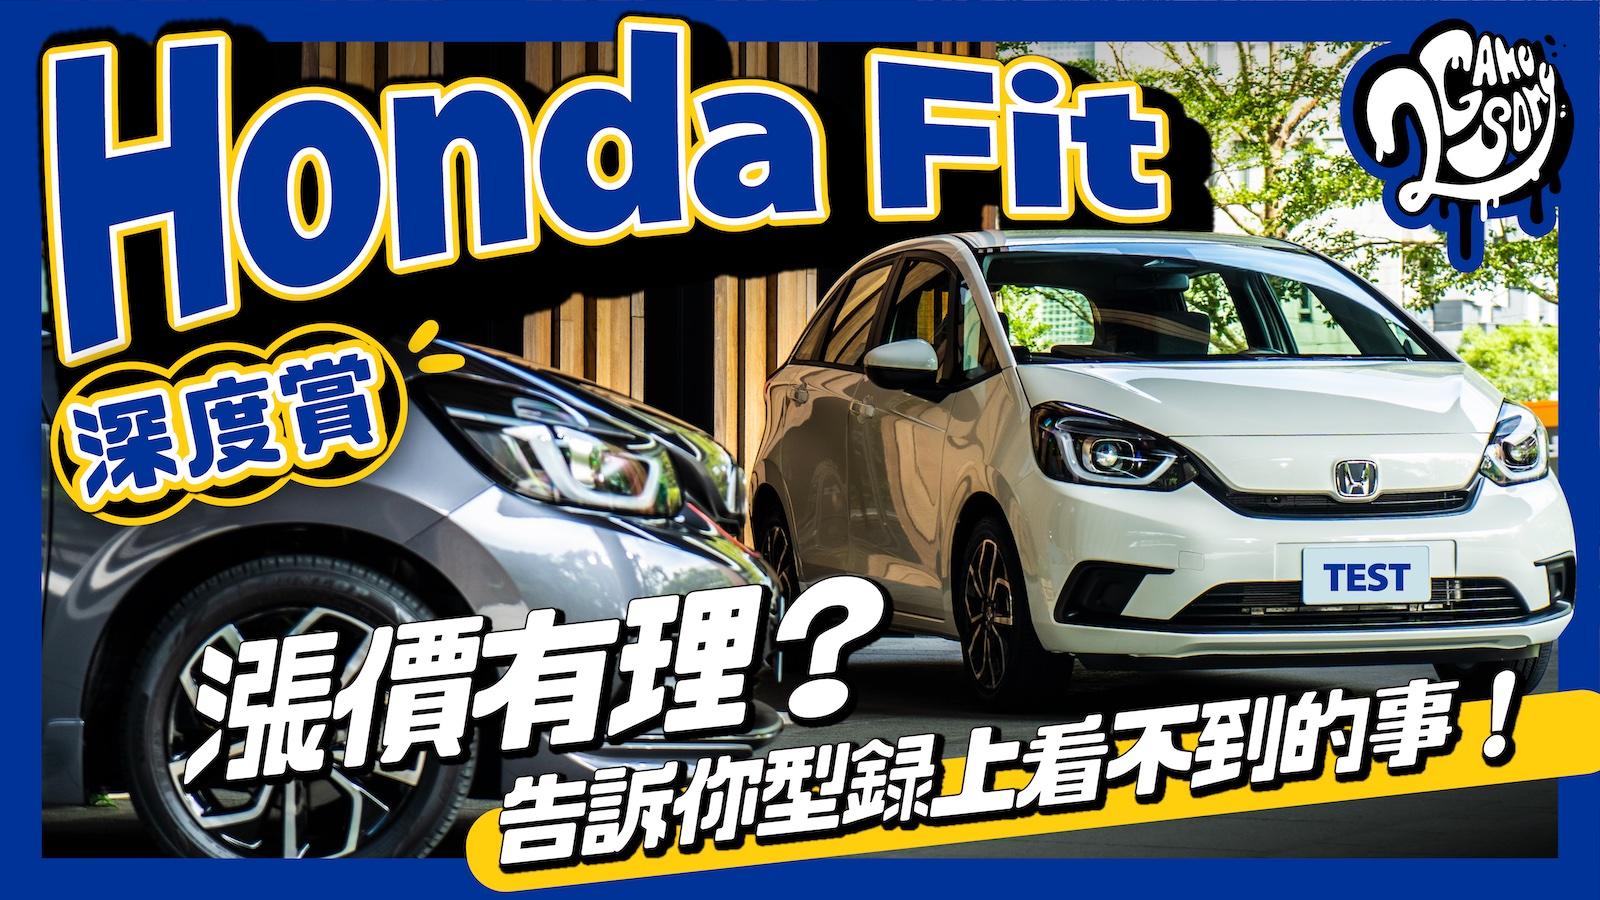 ▲ Honda Fit 深度賞 漲價有理?告訴你型錄上看不到的事!